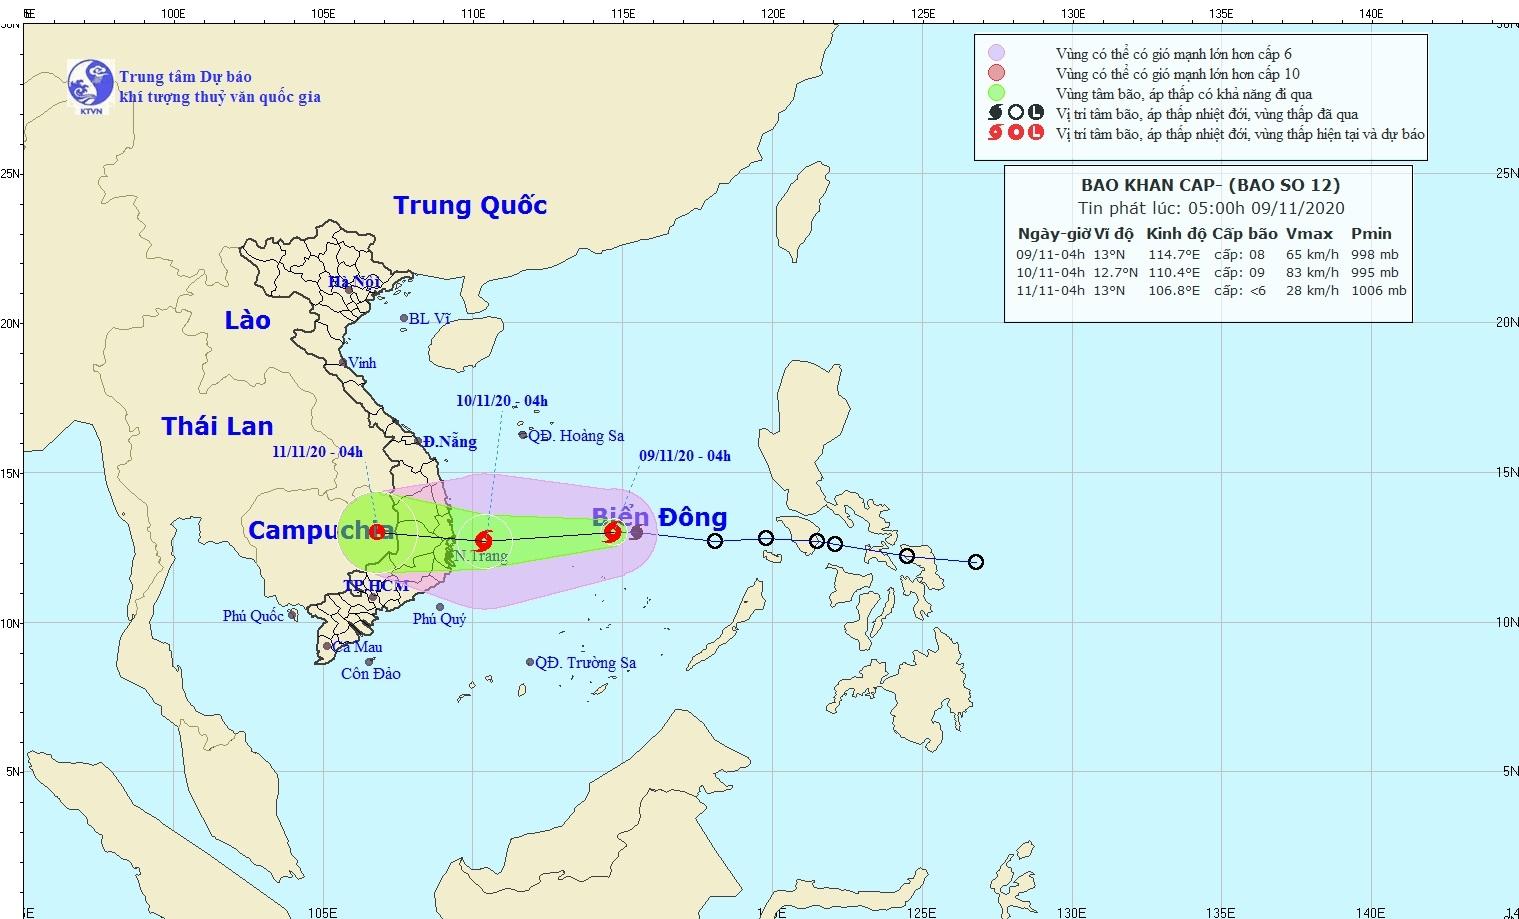 Cơn bão số 12 giật cấp 10, di chuyển nhanh và mạnh thêm trước khi đổ bộ Phú Yên - Ninh Thuận